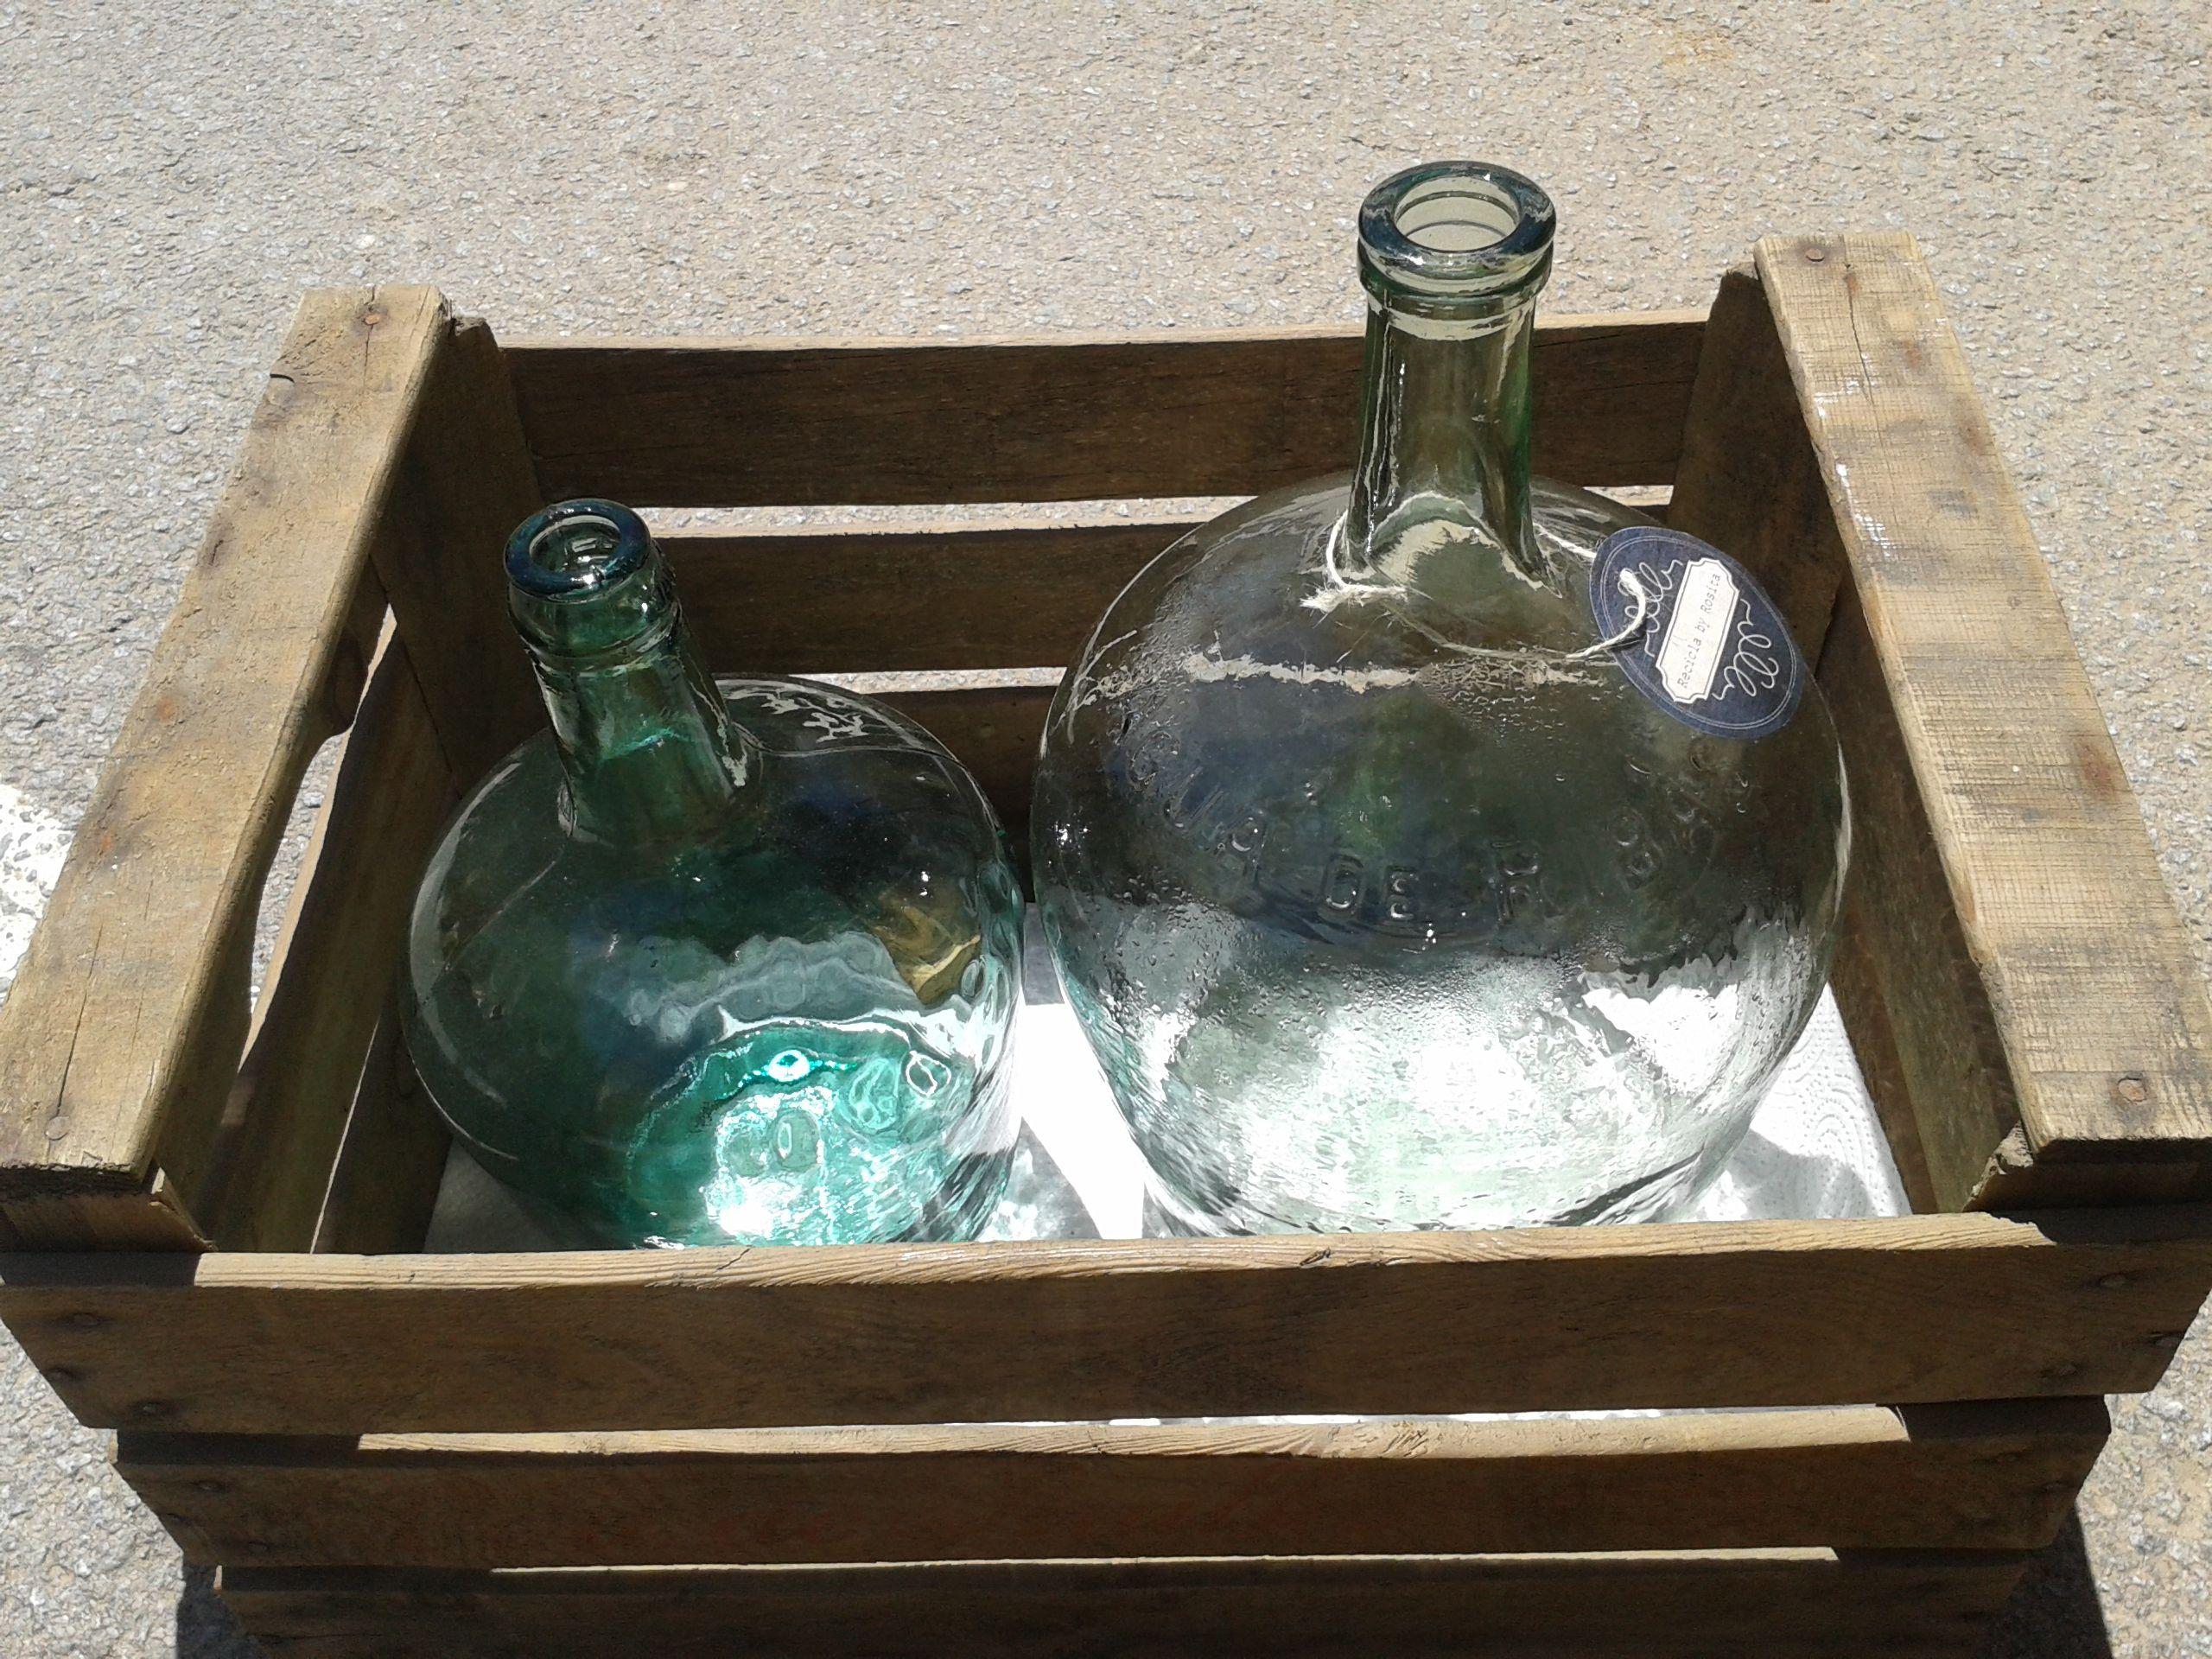 caixa antiga i ampolles